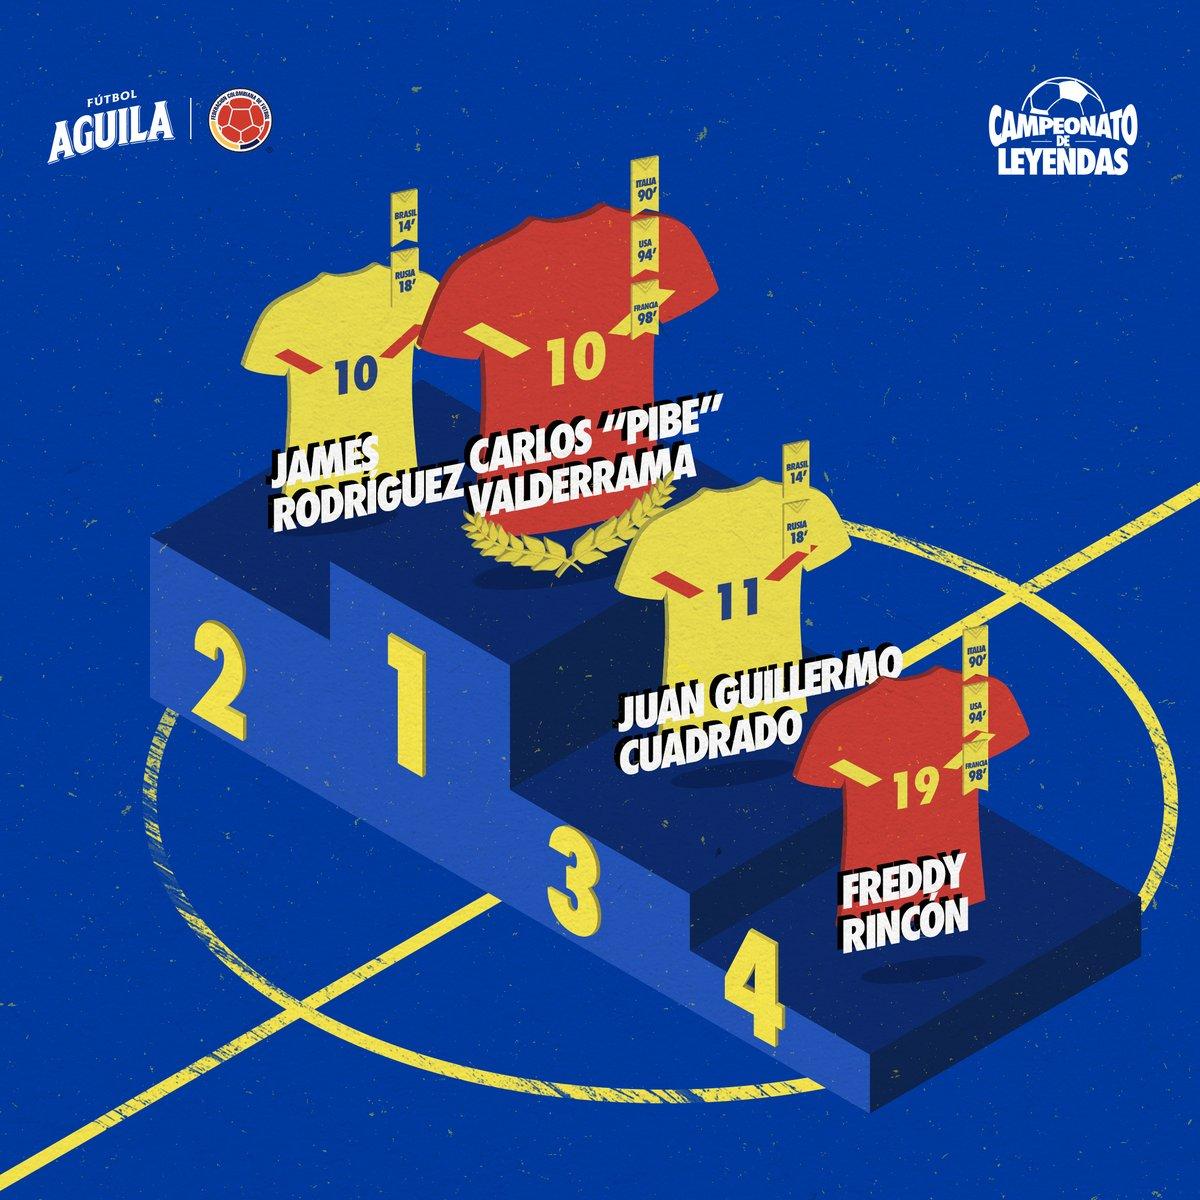 Nuestro campeonato de volantes terminó, ustedes eligieron al volante que será siempre una leyenda en la historia de la Selección. Felicitaciones a este grande, siempre tendrá merecido este premio, el de estar en el corazón de los colombianos. 🔥🏆⚽️ @FCFSeleccionCol https://t.co/tpokLDvJkc